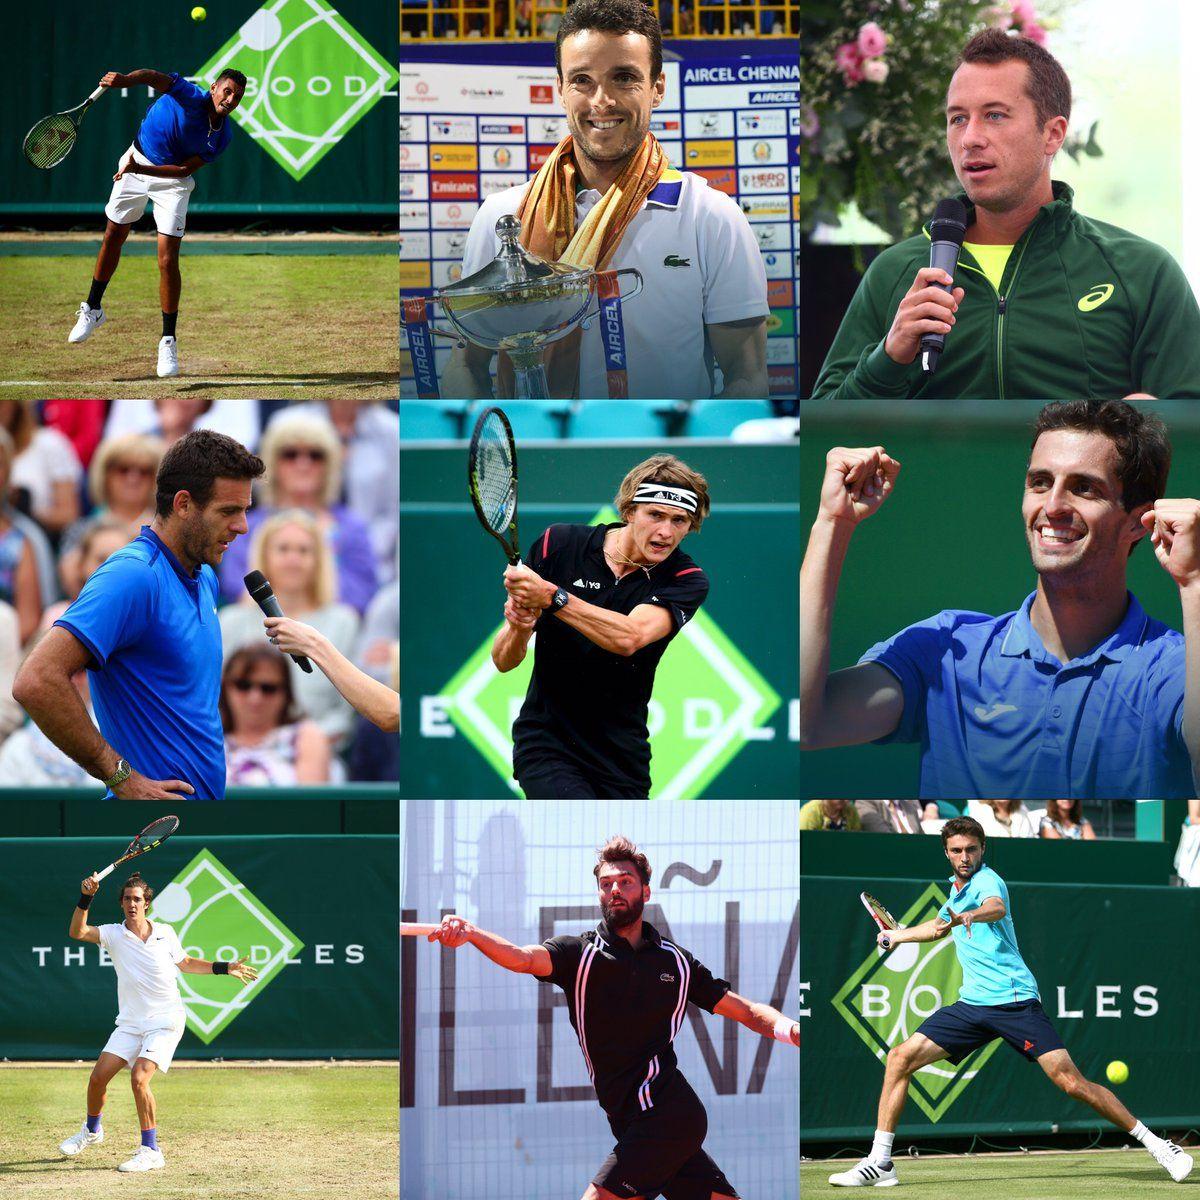 The Boodles: Il 27 Giugno parte il torneo di esibizione Pre-Wimbledon. Ci saranno anche Del Potro, A Zverev e Kyrgios